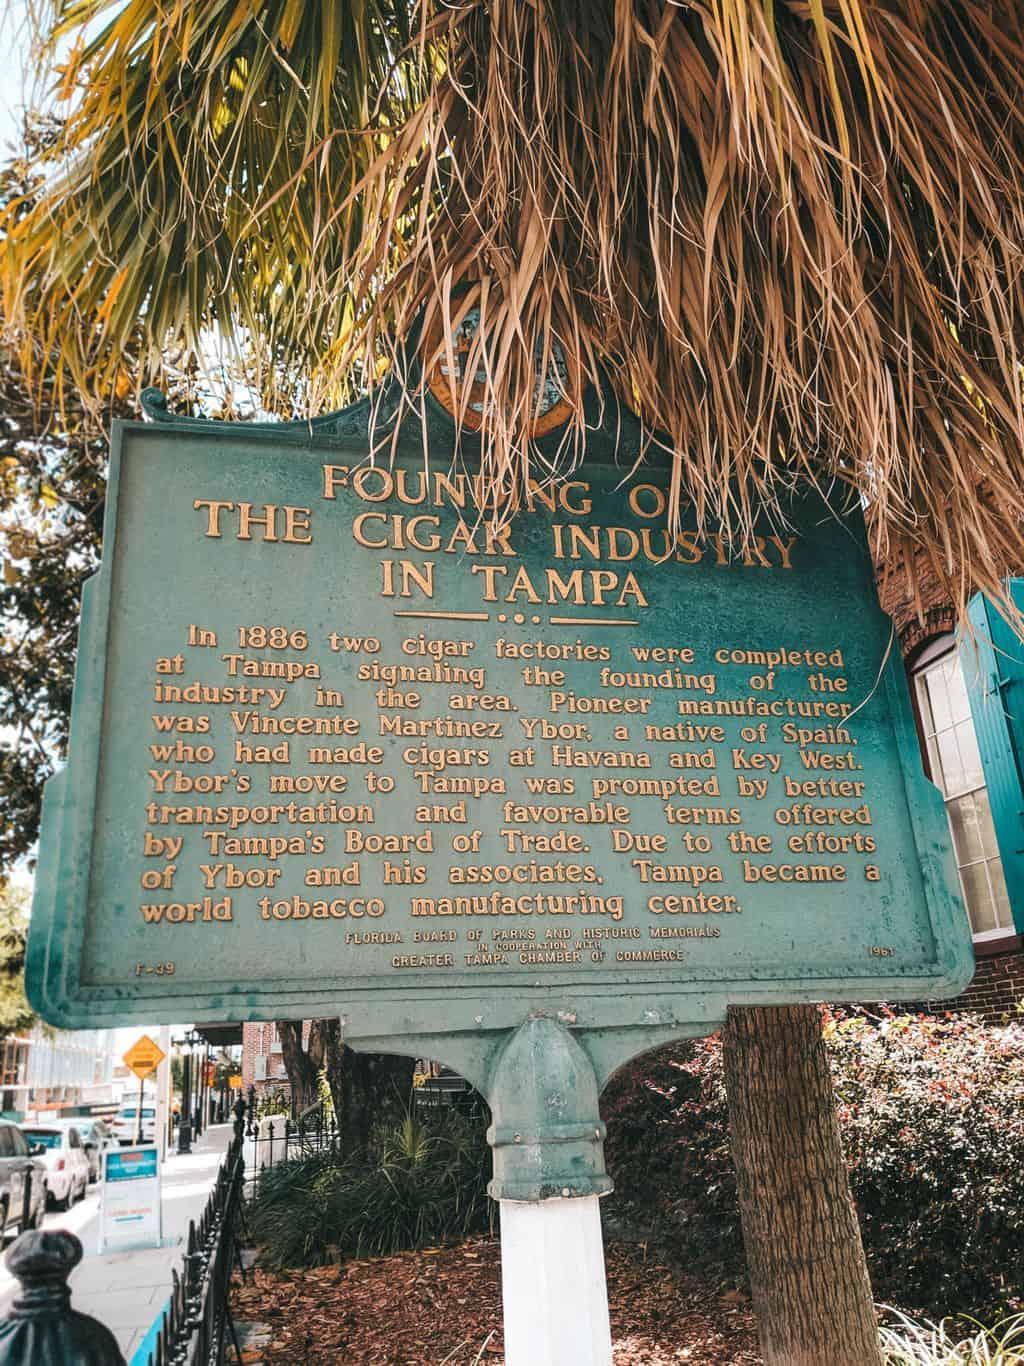 Cigar Rolling Ybor City FL Tampa Bay